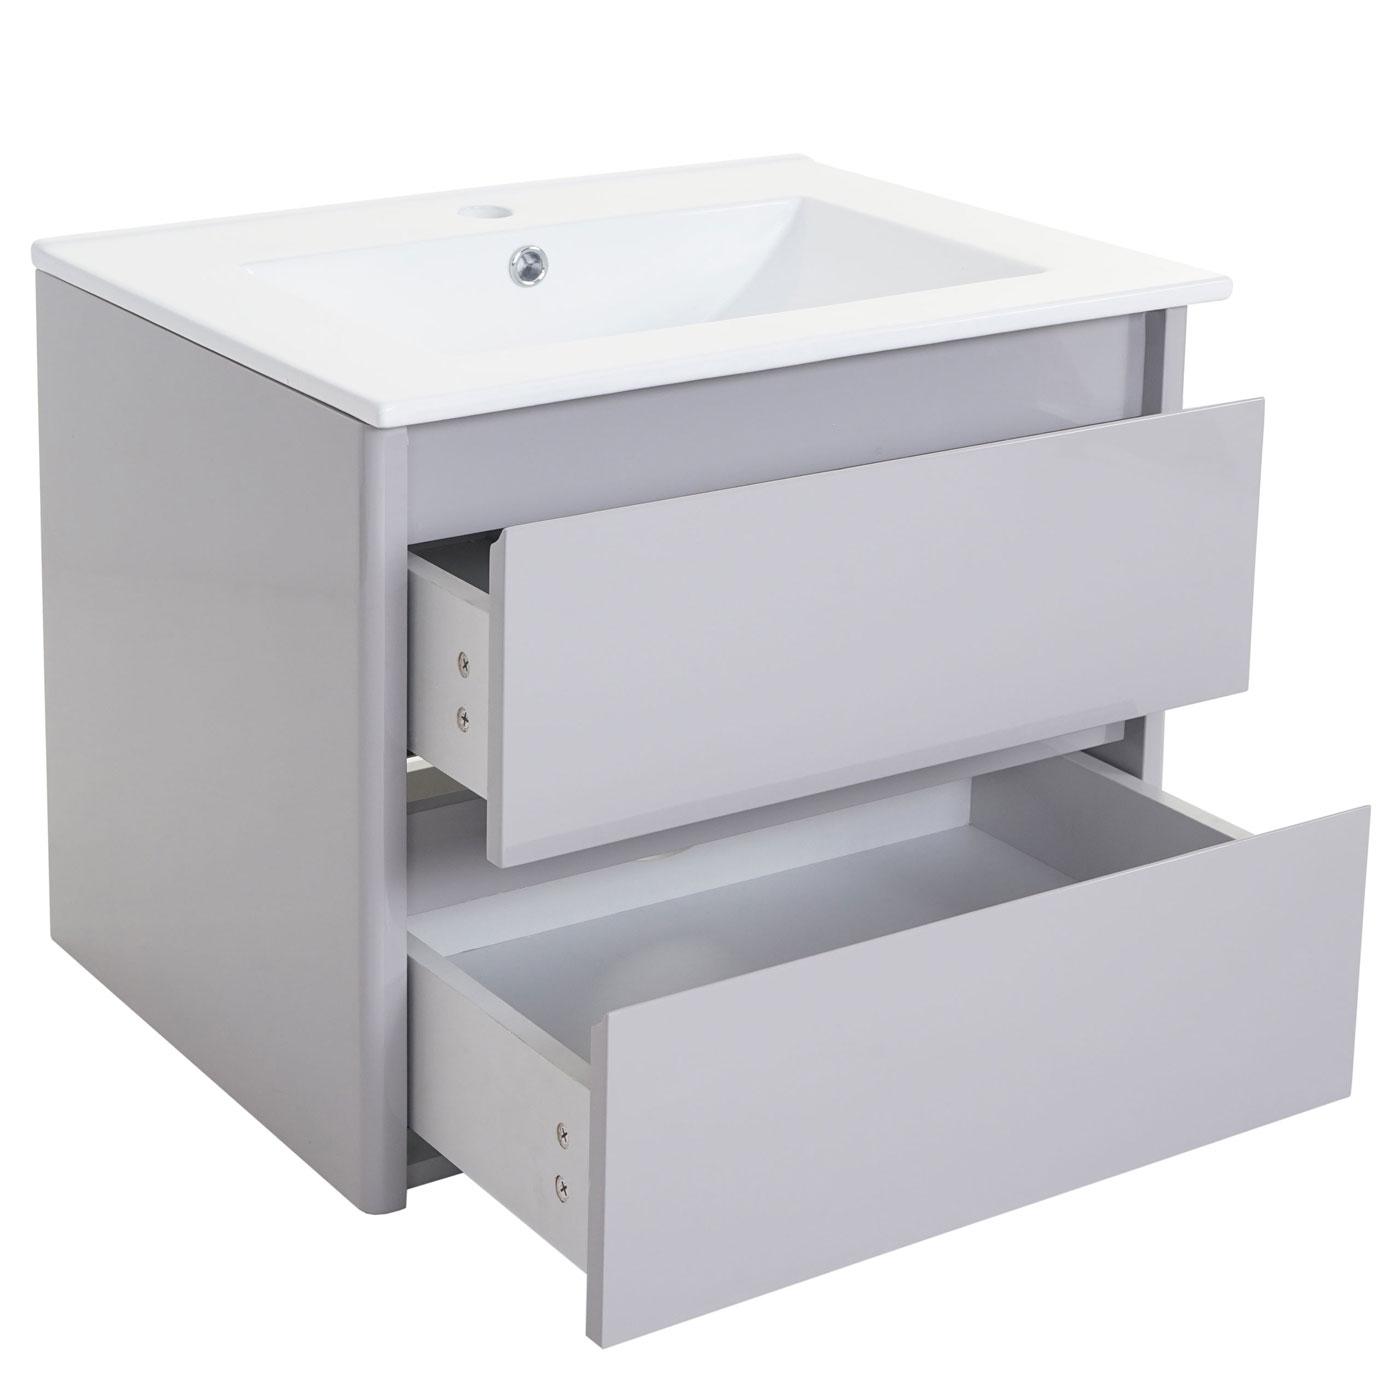 Waschbeckenunterschrankset hwc b19 waschbecken waschtisch for Badezimmer garnituren